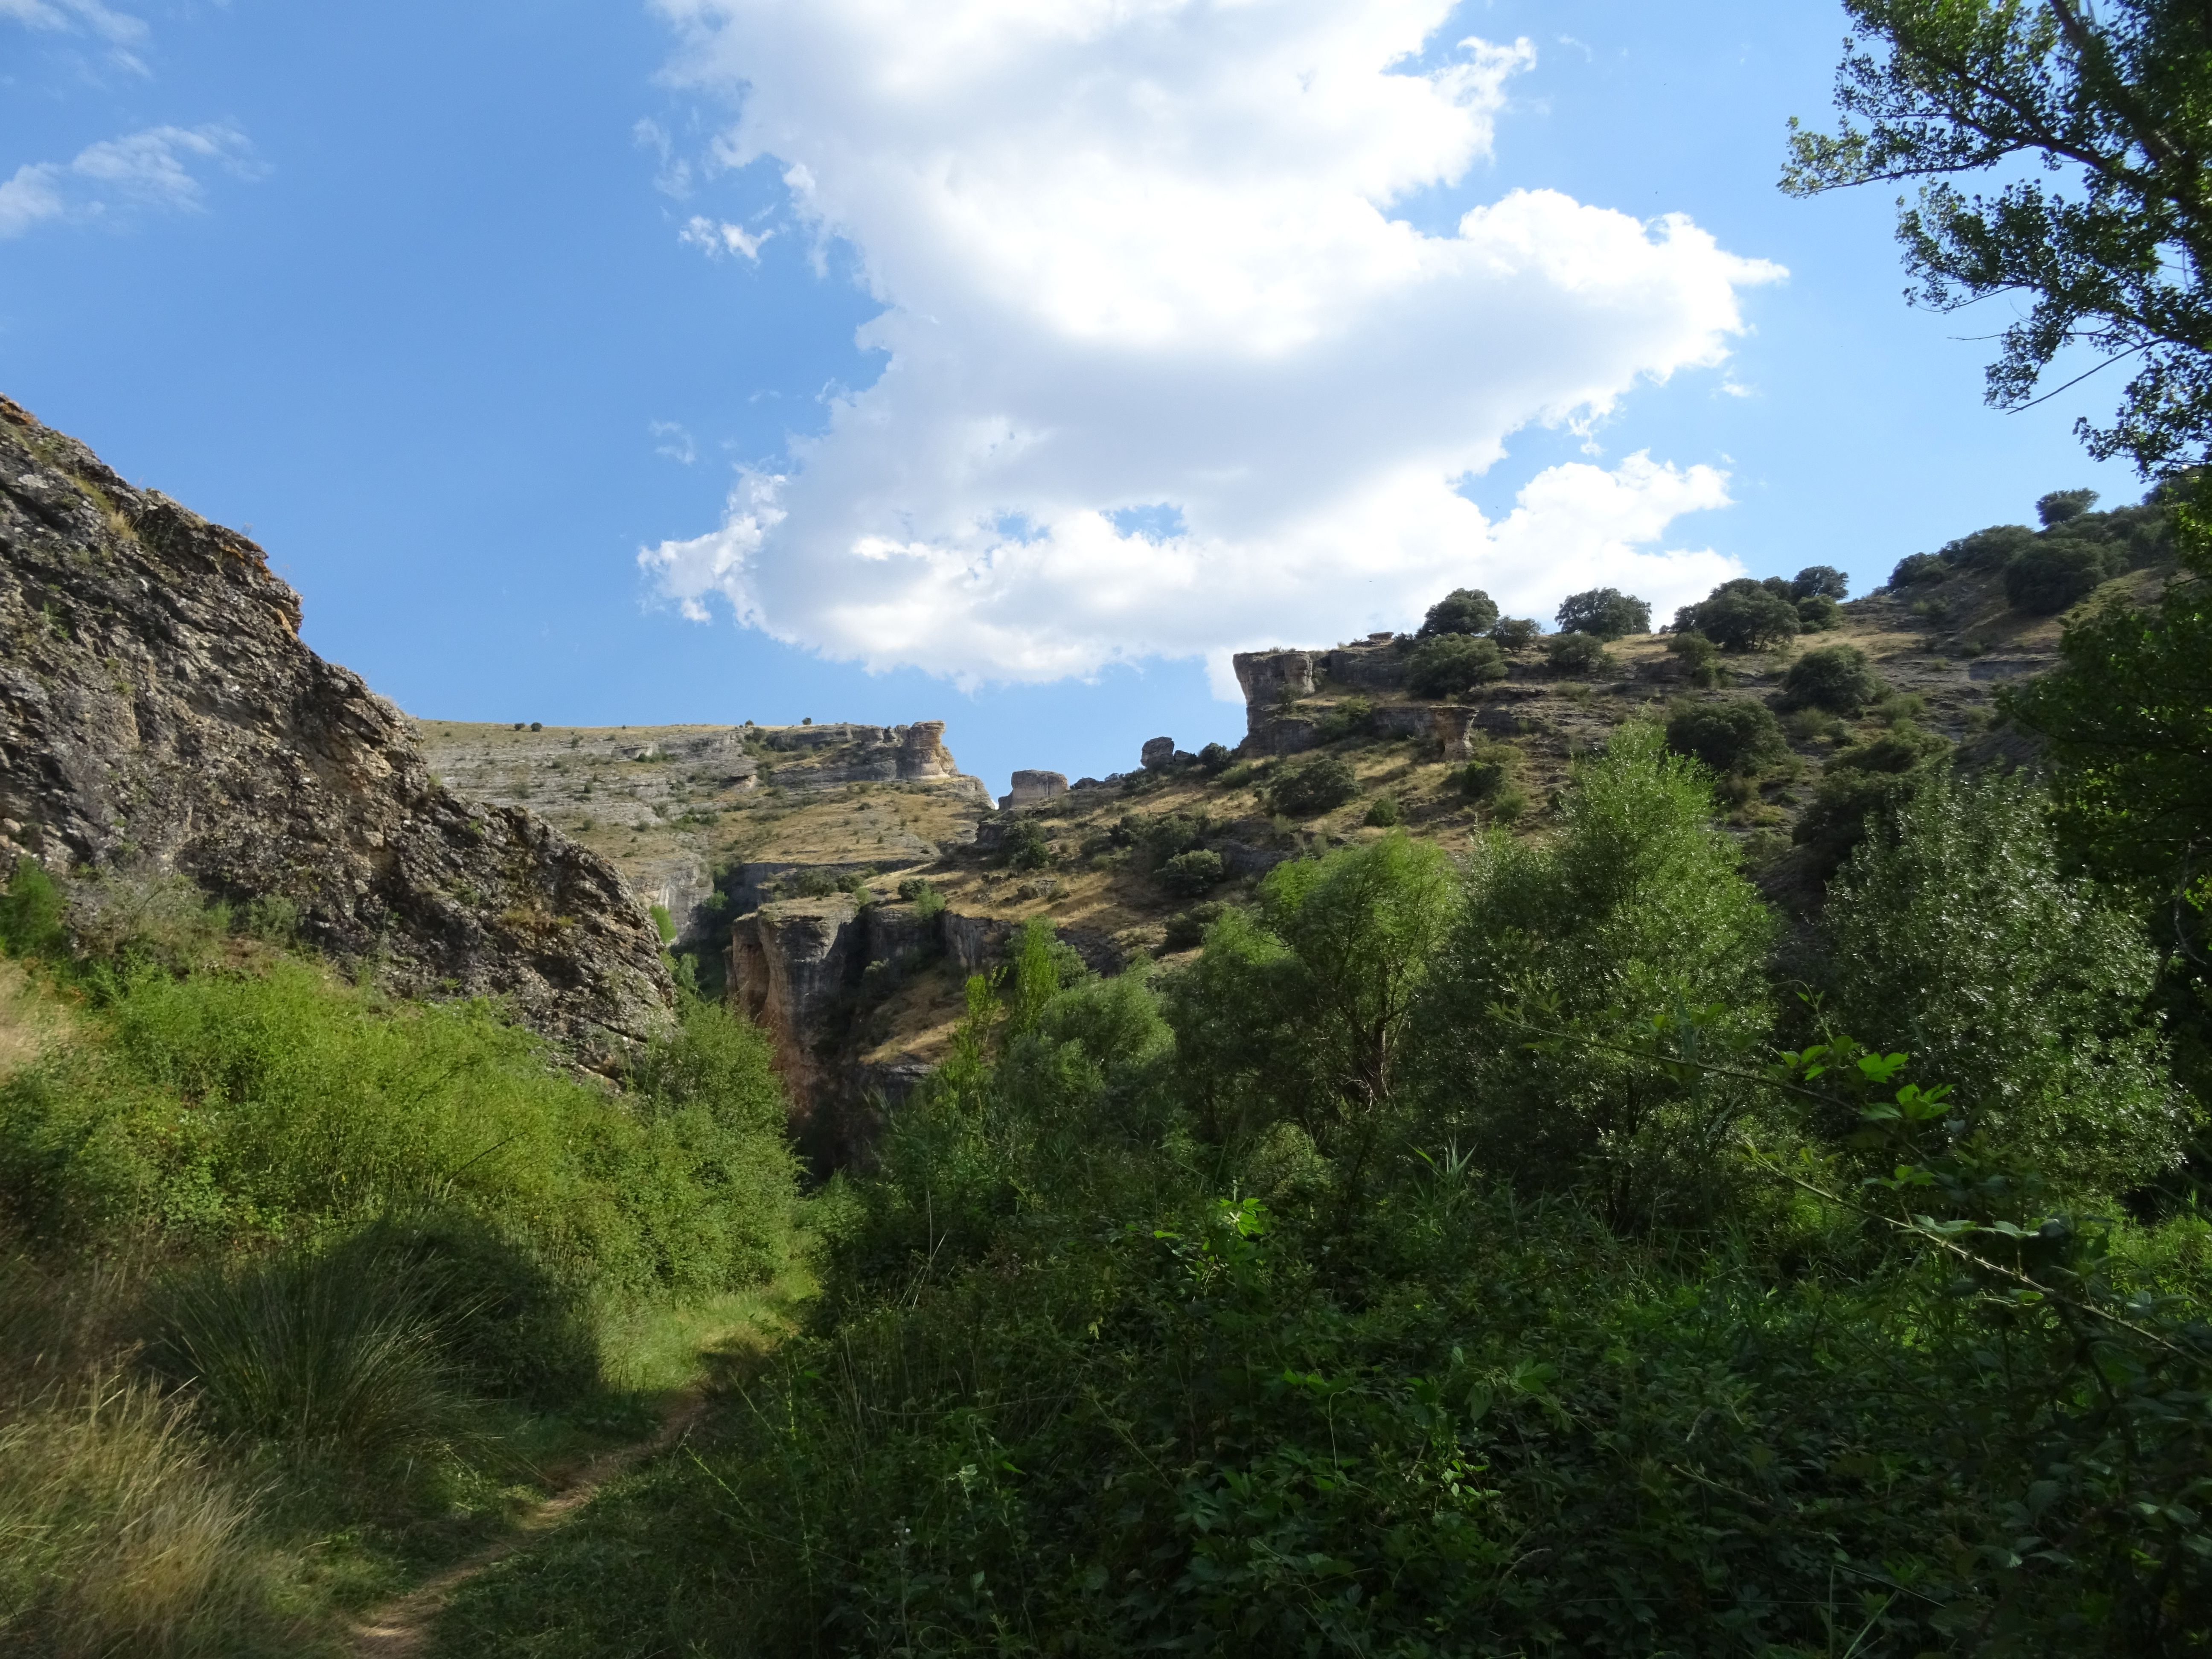 El inicio del camino impresiona pues vemos un camino rodeado de paredes de piedra imponentes